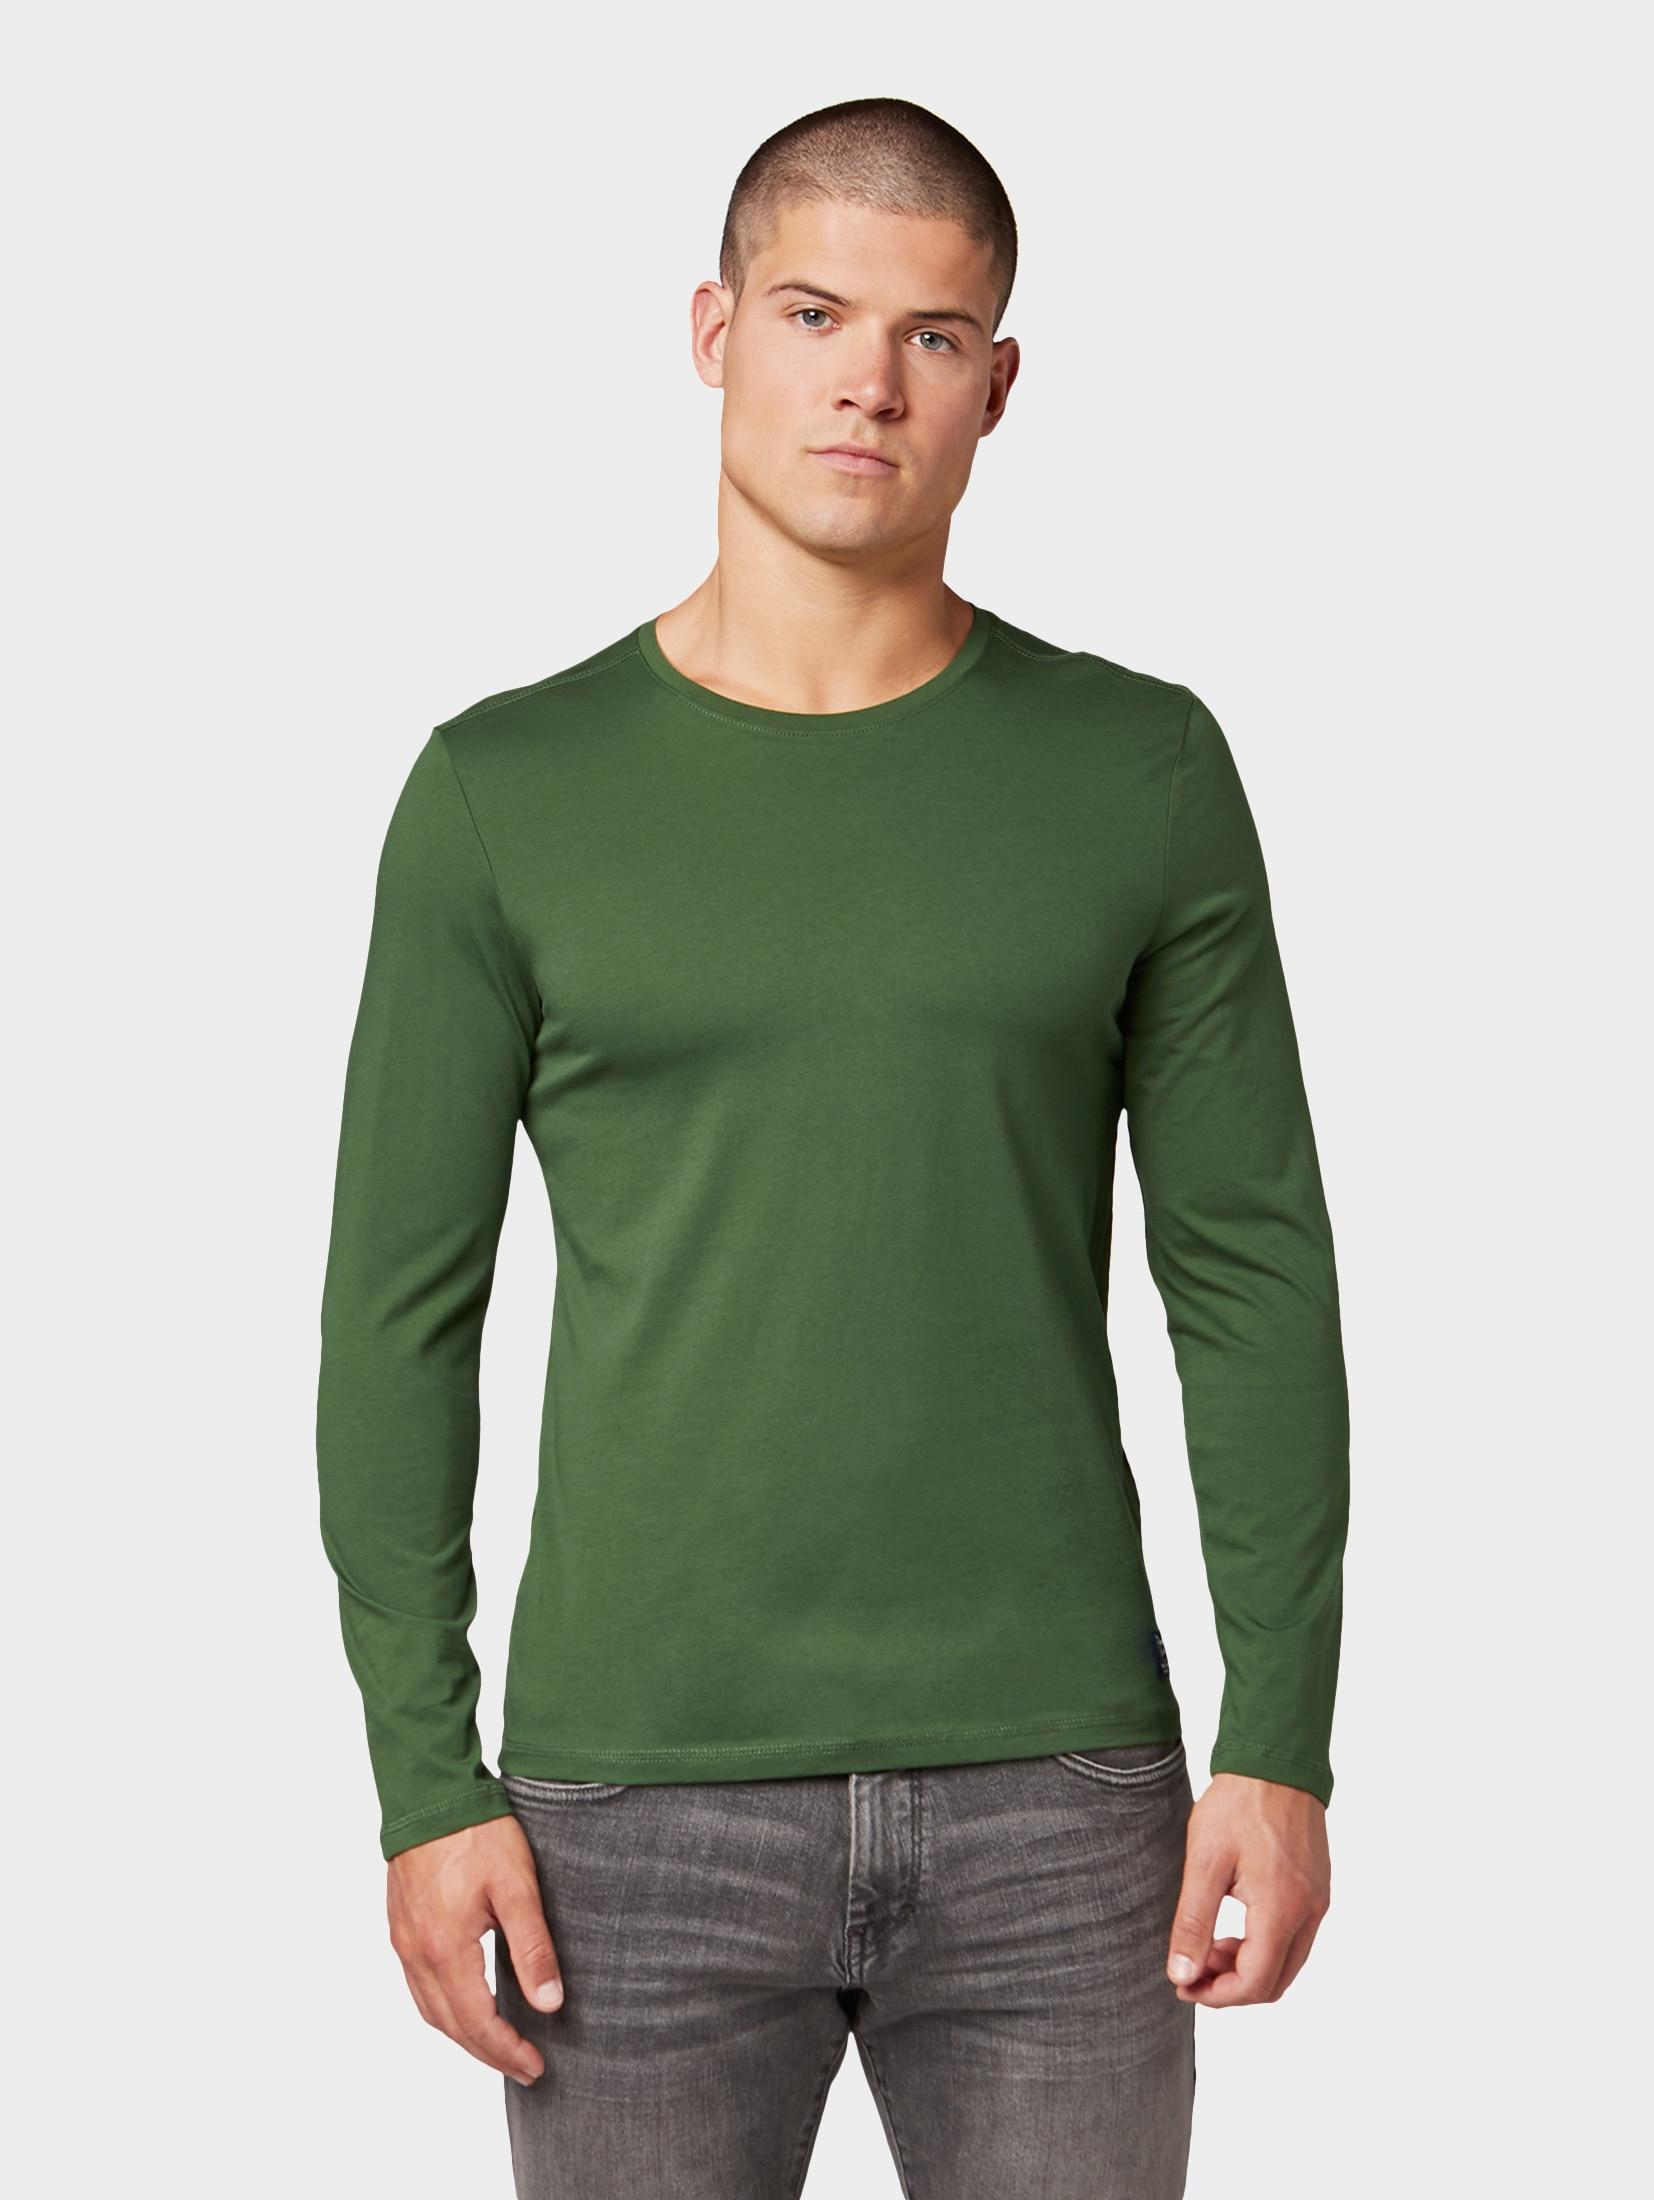 tom tailor -  Langarmshirt Langarmshirt mit Print